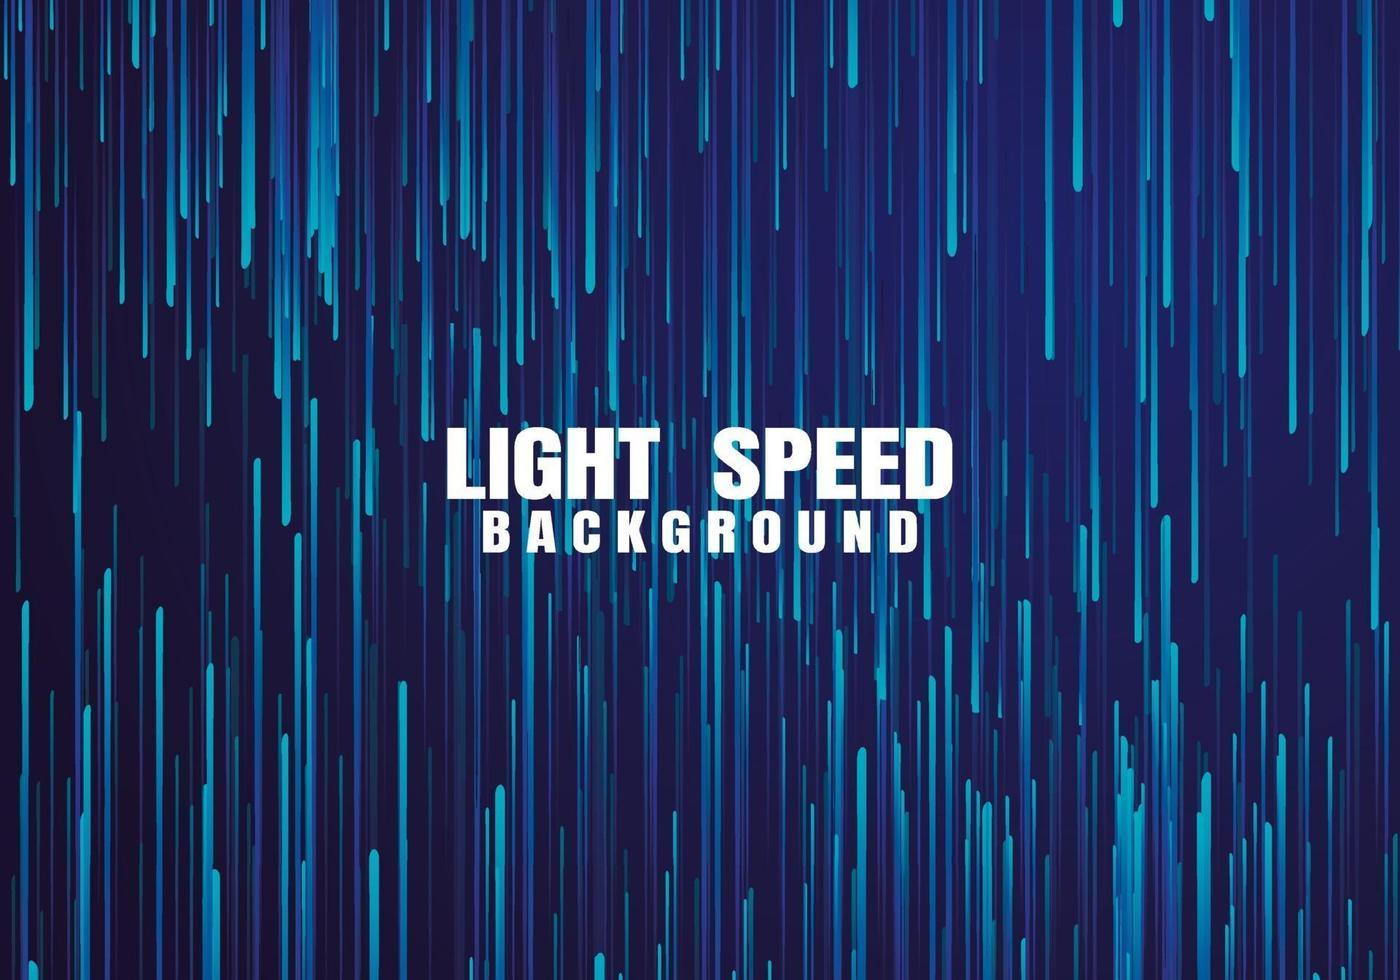 líneas compuestas de fondos brillantes, fondo abstracto de velocidad de la luz. túnel de flujo de datos. explosión de fondo radial. ilustración vectorial vector